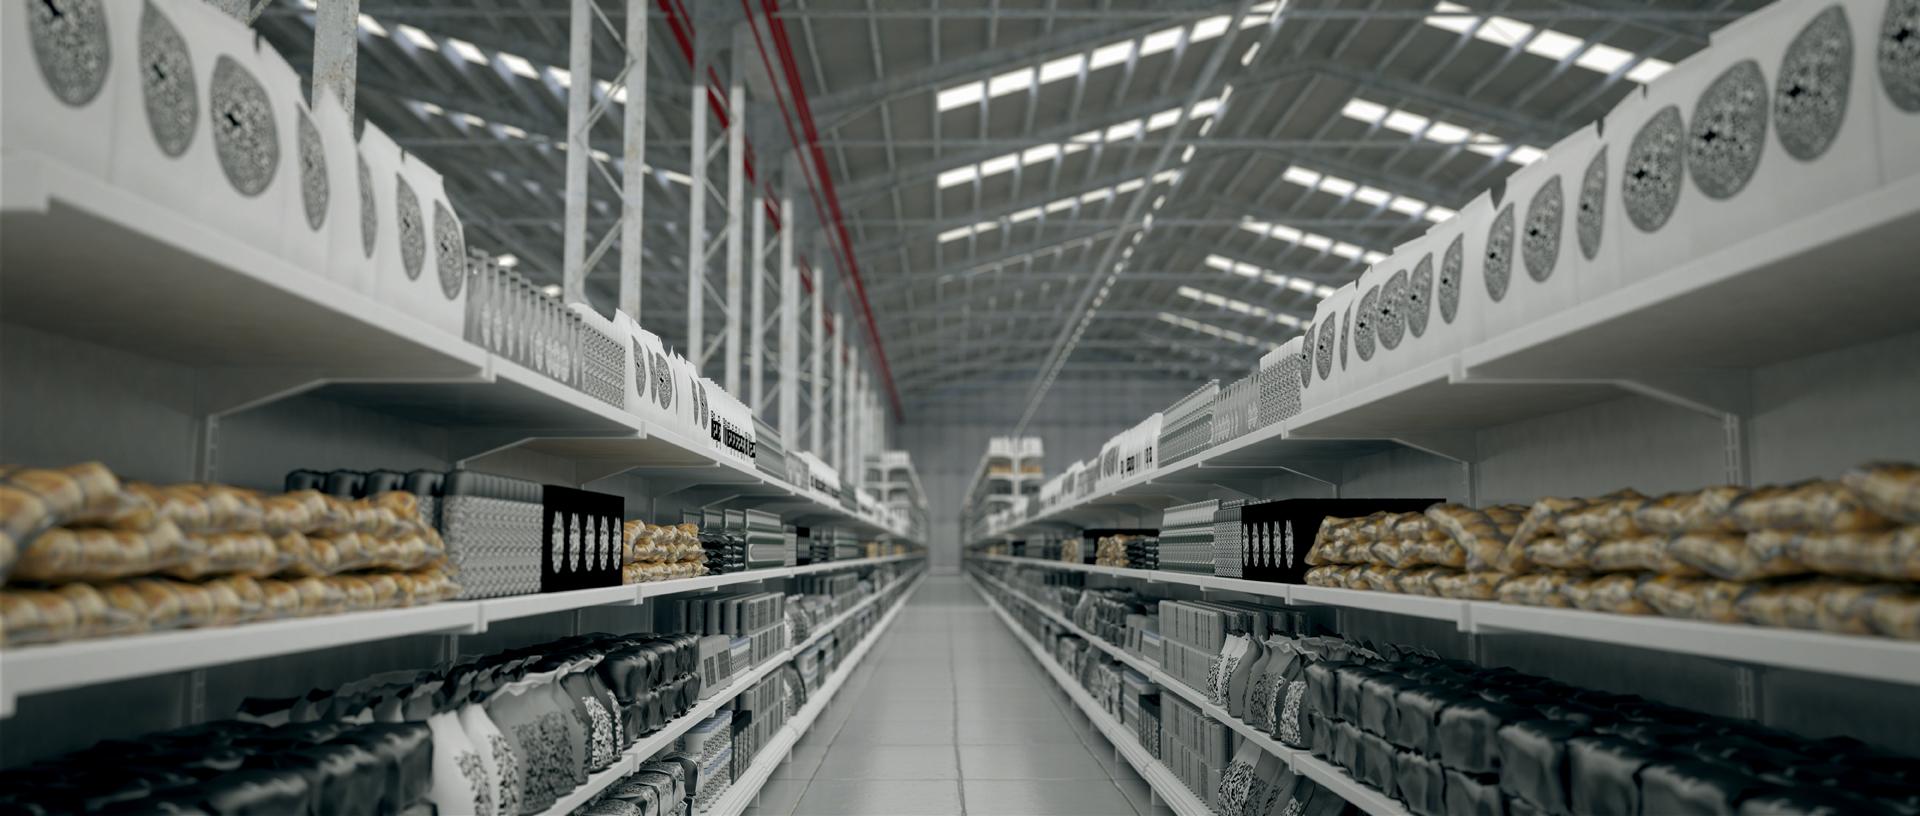 04_Supermarket 2